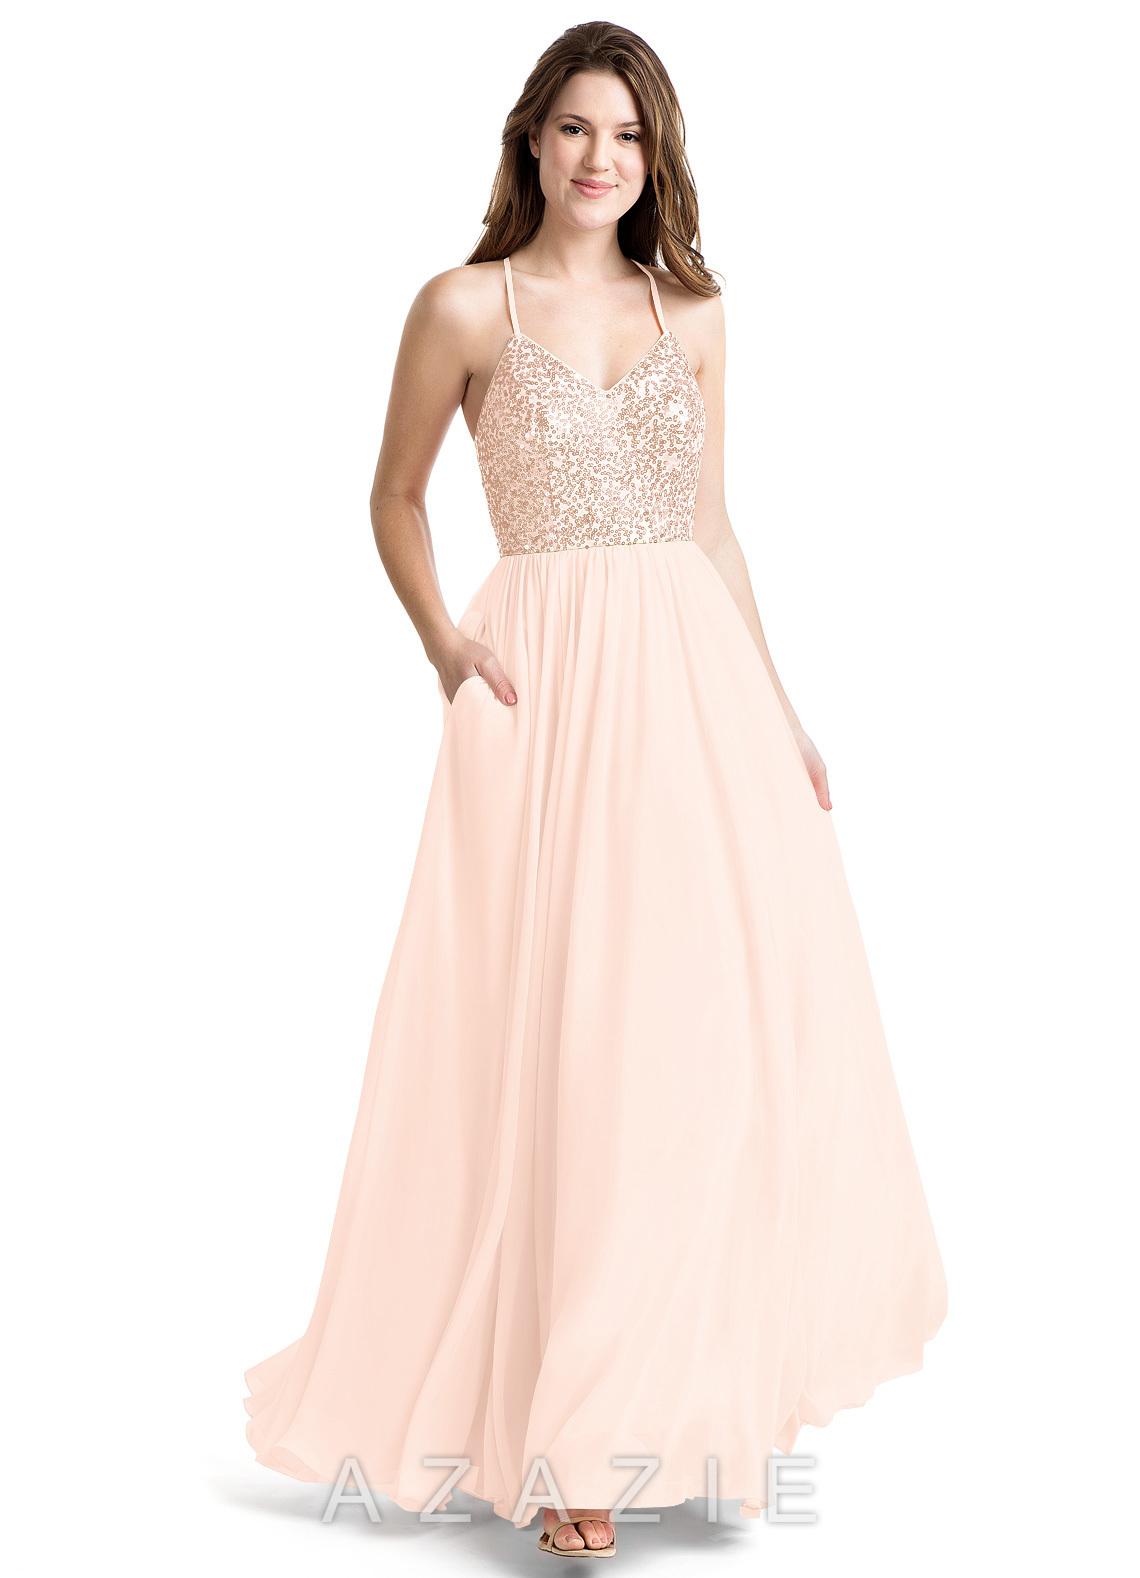 Azazie Cali Bridesmaid Dress | Azazie